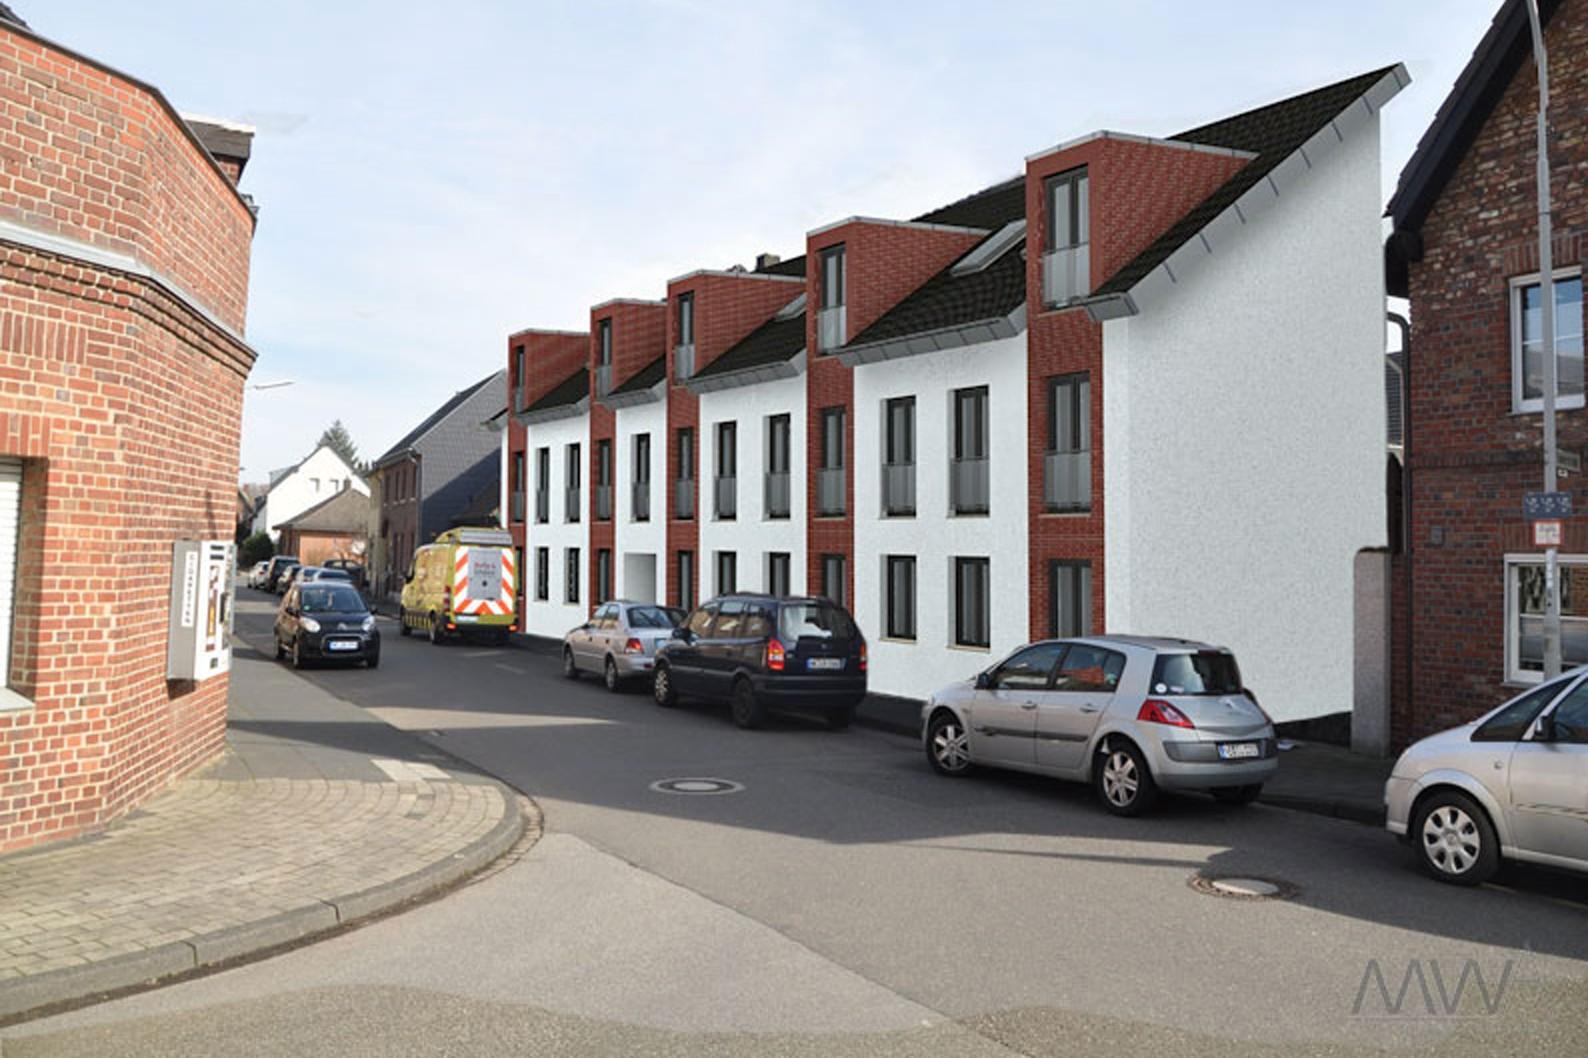 mwa architekt weyerstraße 2 - Mehrfamilienhaus Klinker2020